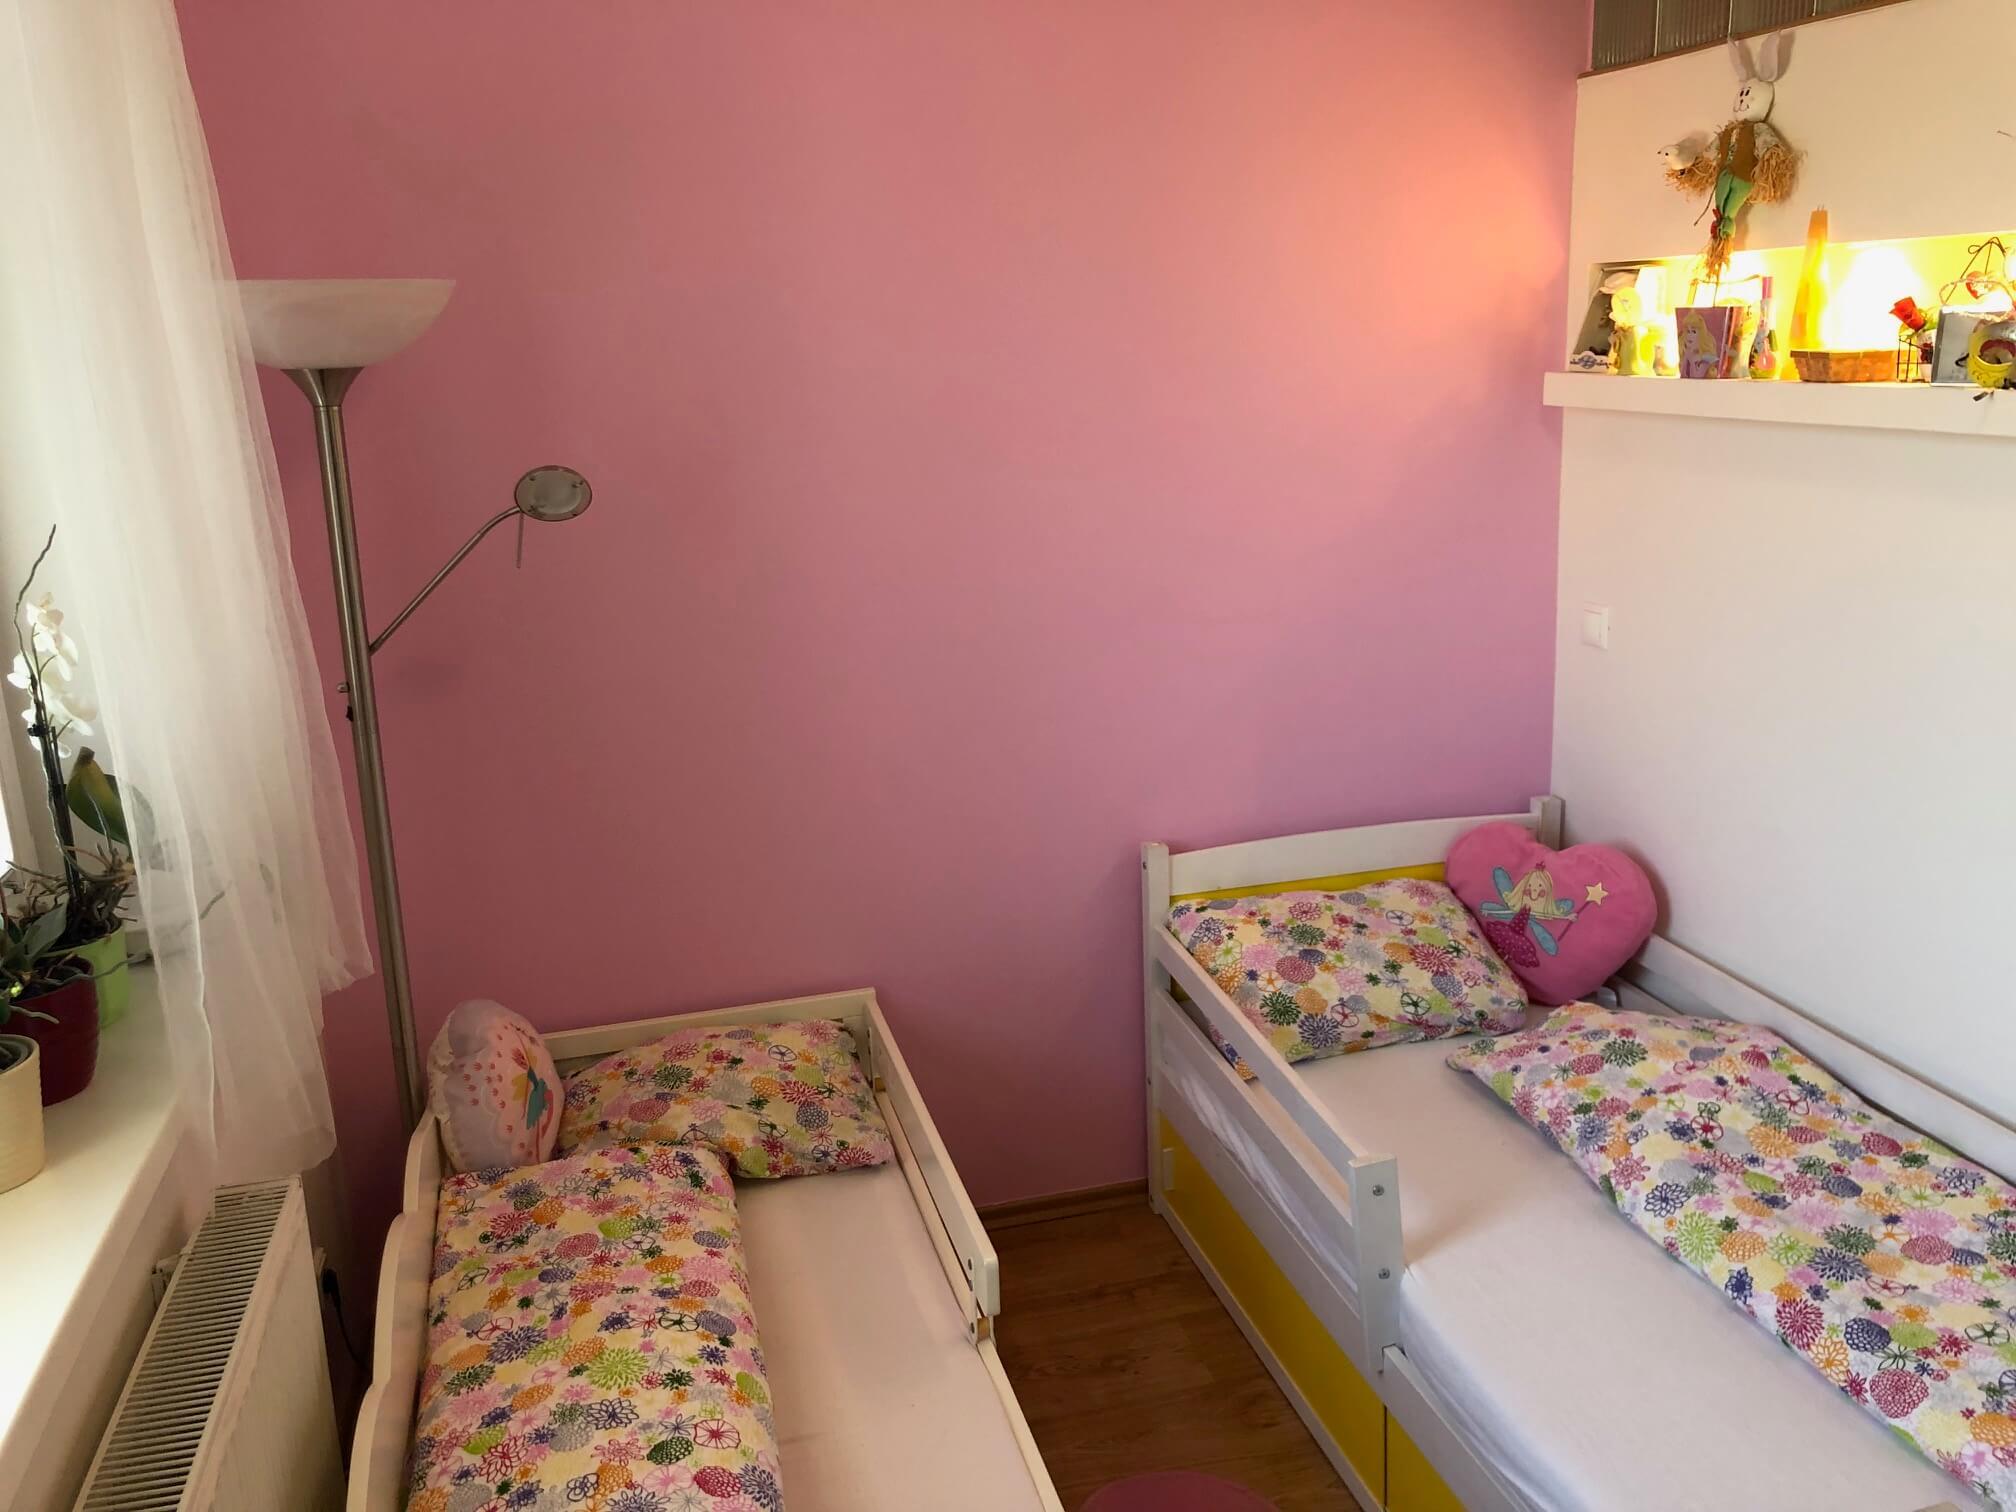 Predané: Exkluzívne na predaj 3 izb. byt, 72 m2, balkón 8 m2, parkovacie státie, Bratislava, Petržalka, Budatínska-30